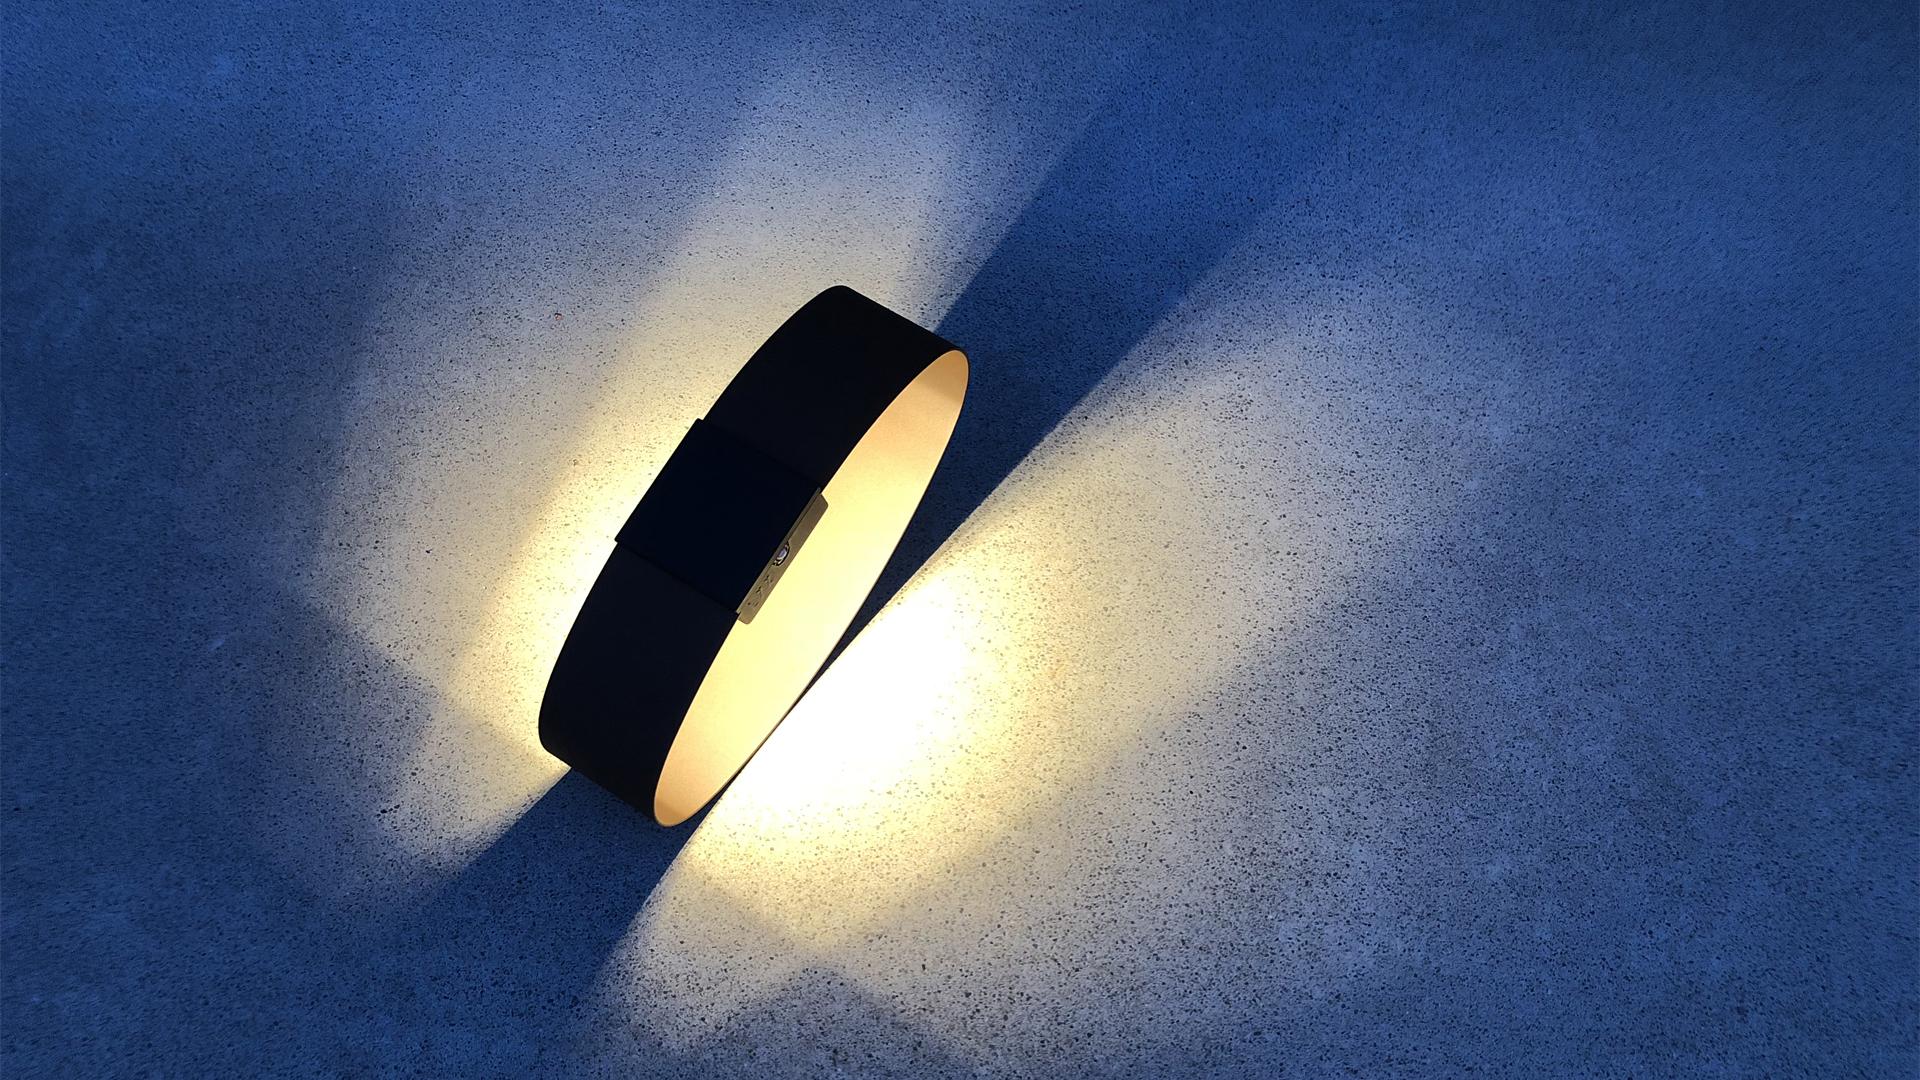 Cette pièce unique, sculpture lumineuse et lampe extérieure solaire au design moderne, offre un éclairage performant. Ce luminaire extérieur design fait office de cadran solaire le jour et de lampe d'extérieur la nuit. Borne solaire extérieure originale, RING est une lampe de jardin à la fois lampe d'extérieur et sculpture pour agrémenter l'espace de manière originale. Ce luminaire extérieur design est une création originale signée LYX Luminaires et désignée par Claude Robin. La lampe extérieure solaire RING rejoint les créations lumineuses LYX Luminaires, aux côtés des collections de lampes solaires et lampes extérieures LED. La collection de luminaires d'extérieur LYX Luminaires se compose d'applique murale solaire, de borne extérieure solaire, de lanterne solaire, d'applique murale LED, de borne extérieure LED, de spot extérieur LED. Toute les lampes extérieures LYX Luminaires sont de fabrication française. Elles offrent un éclairage performant et un éclairage original grâce à leur design moderne. Nos lampes extérieures sont des lampes extérieures de qualité, des lampes design, des lampes autonomes et équipées de détecteur de mouvement / détecteur de présence.